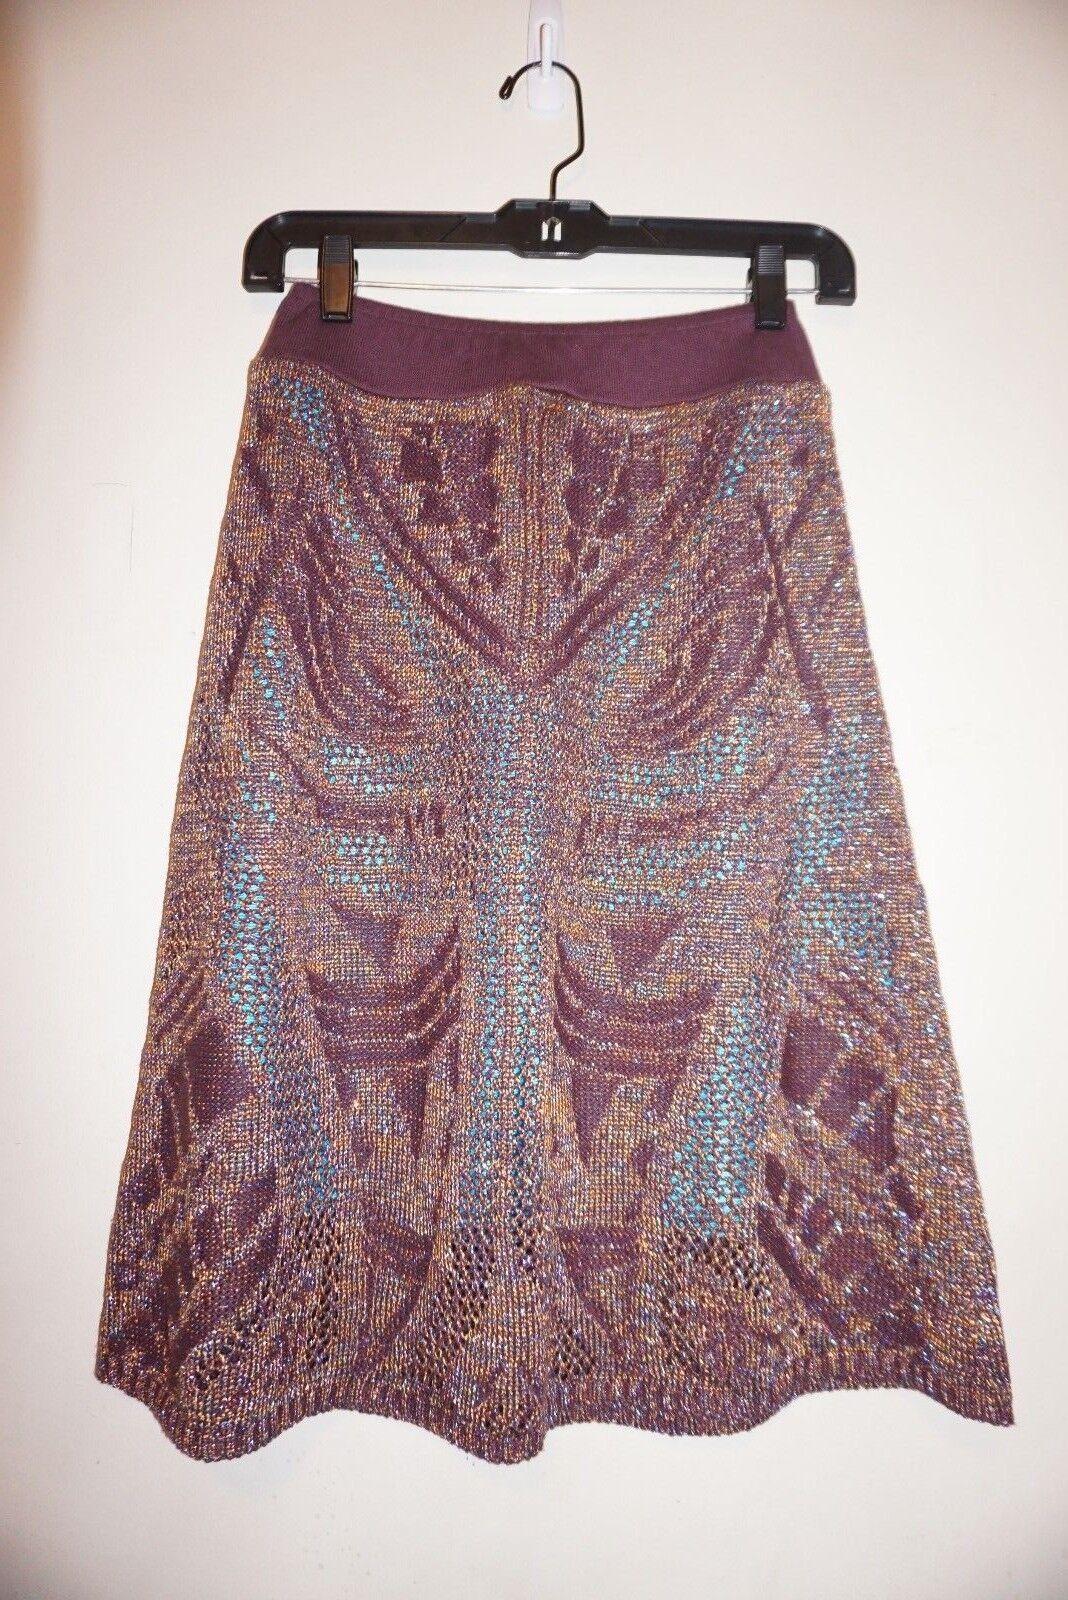 Anthropologie Cecilia Prado Lumi Midi Sweater Skirt sz PS NWT